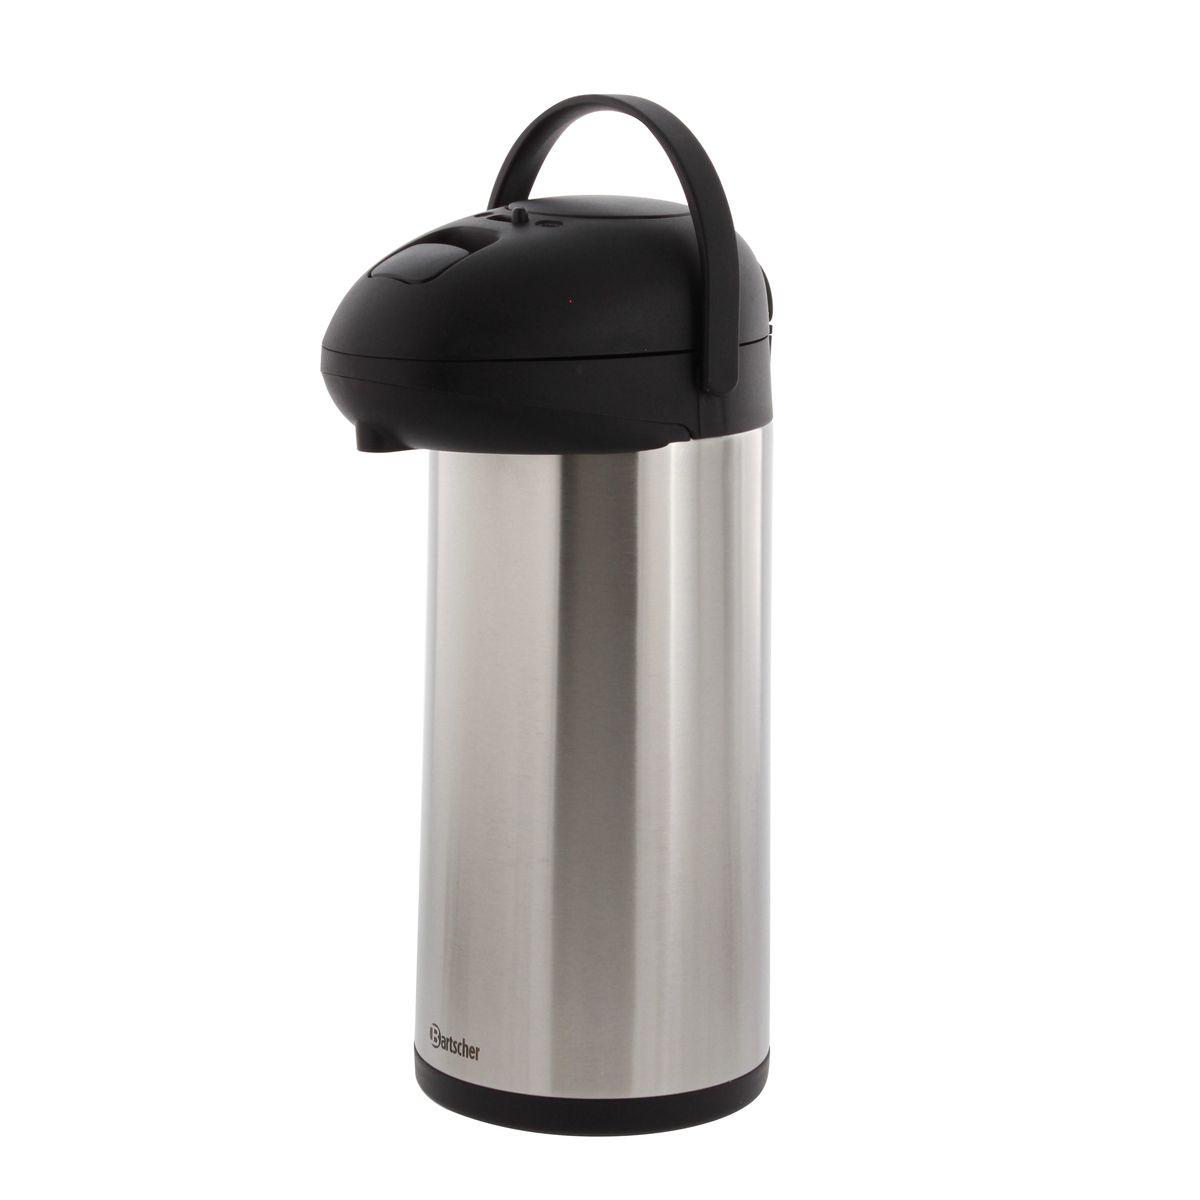 Cafetière thermos 5l à pompe - Bartscher